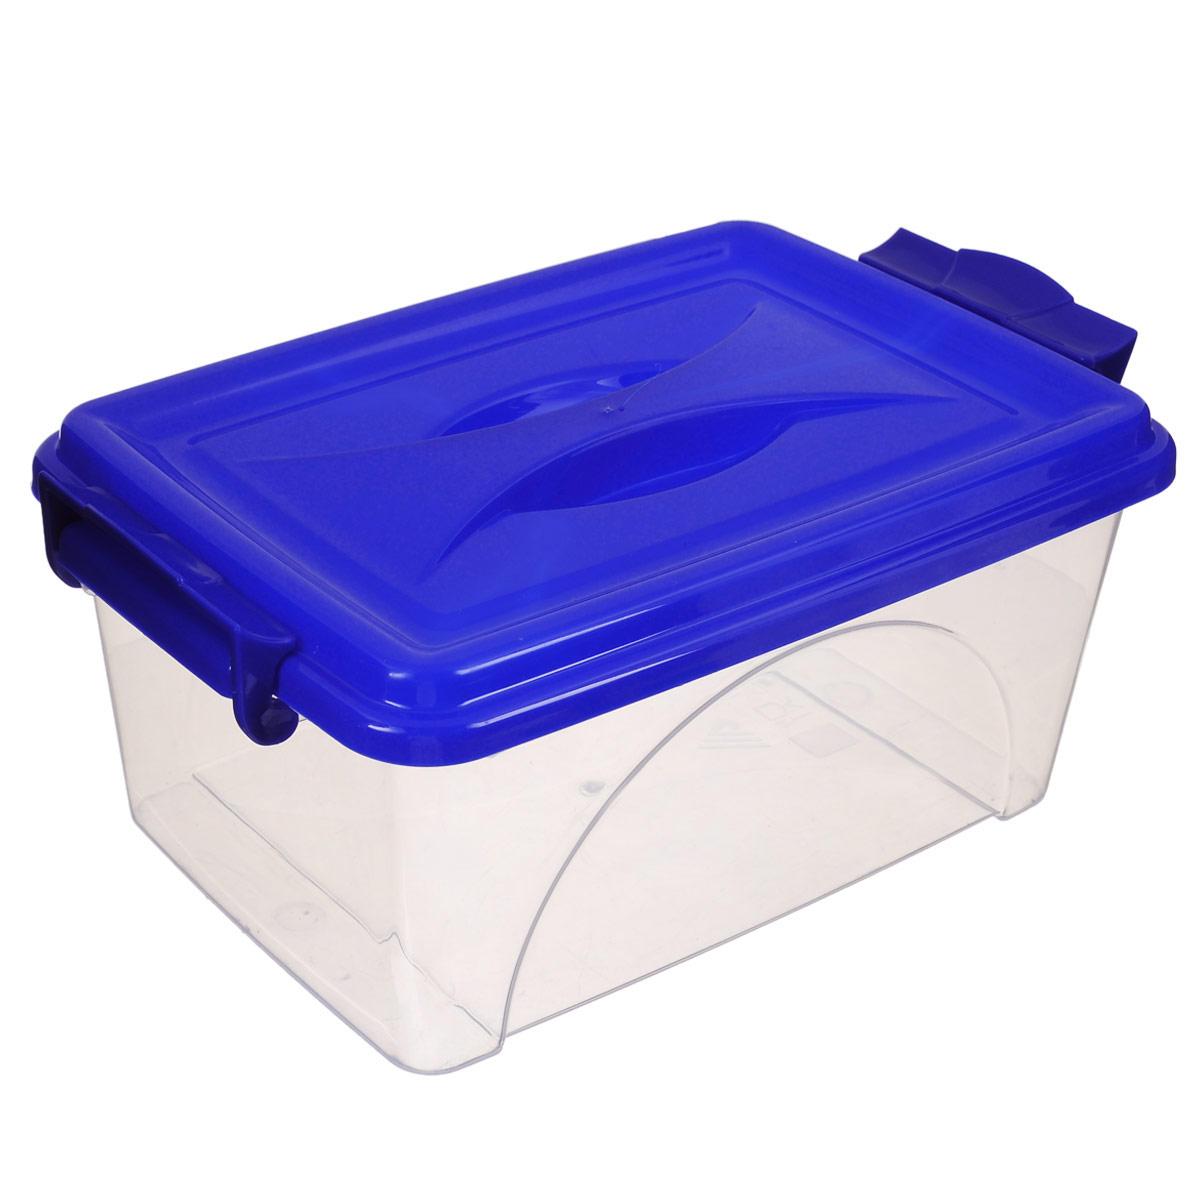 Контейнер Альтернатива, цвет: синий, 30,5 х 20 х 13,5 смМ419_синийКонтейнер Альтернатива выполнен из прочного пластика. Он предназначен для хранения различных мелких вещей. Крышка легко открывается и плотно закрывается. Прозрачные стенки позволяют видеть содержимое. По бокам предусмотрены две удобные ручки, с помощью которых контейнер закрывается.Контейнер поможет хранить все в одном месте, а также защитить вещи от пыли, грязи и влаги.